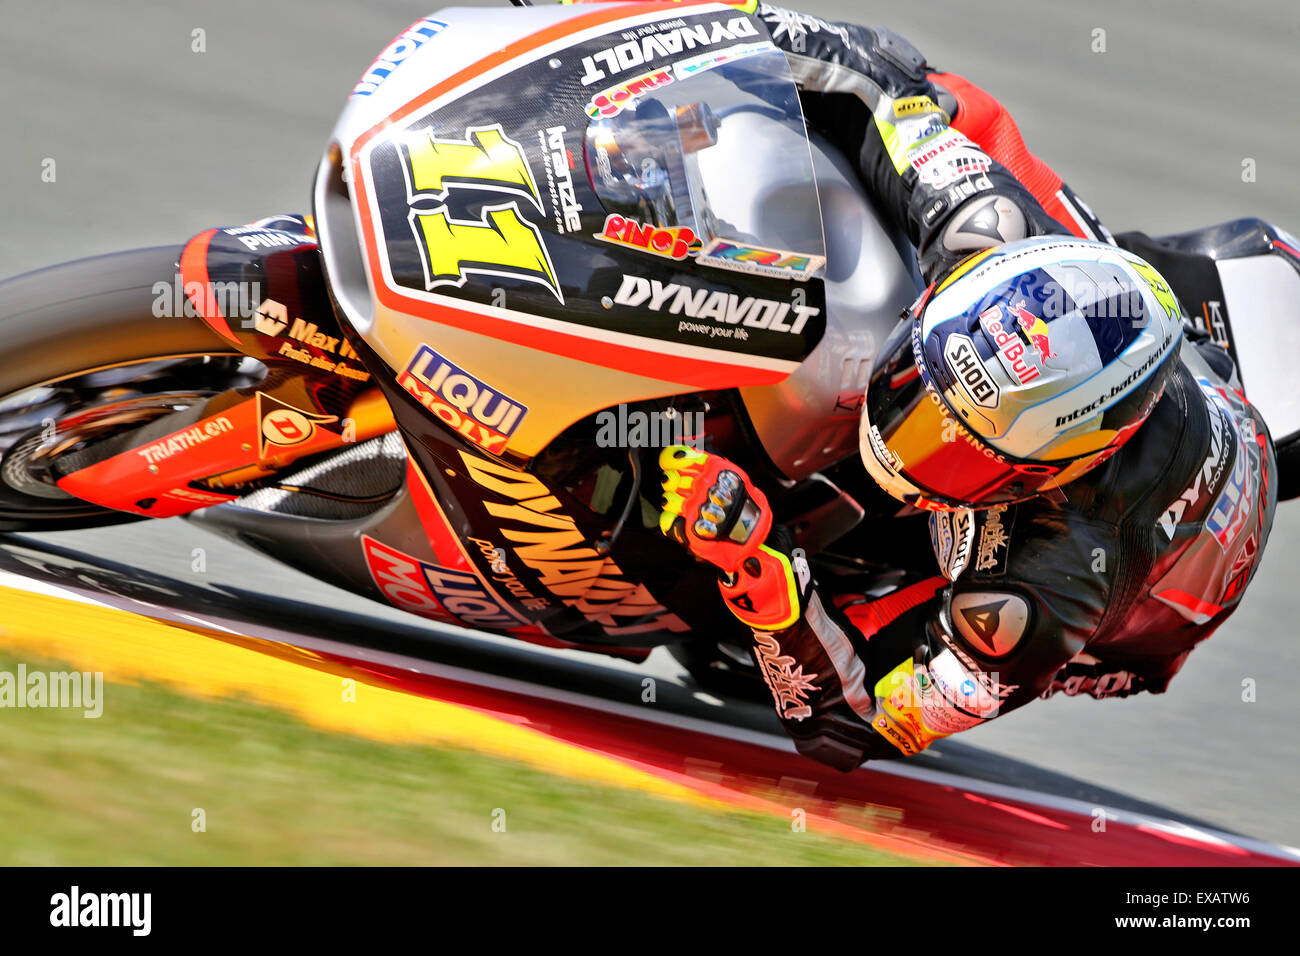 Hohenstein-Ernstthal, Alemania. El 10 de julio, 2015. Rider Moto2 alemán Sandro Cortese del Equipo intacto Imagen De Stock